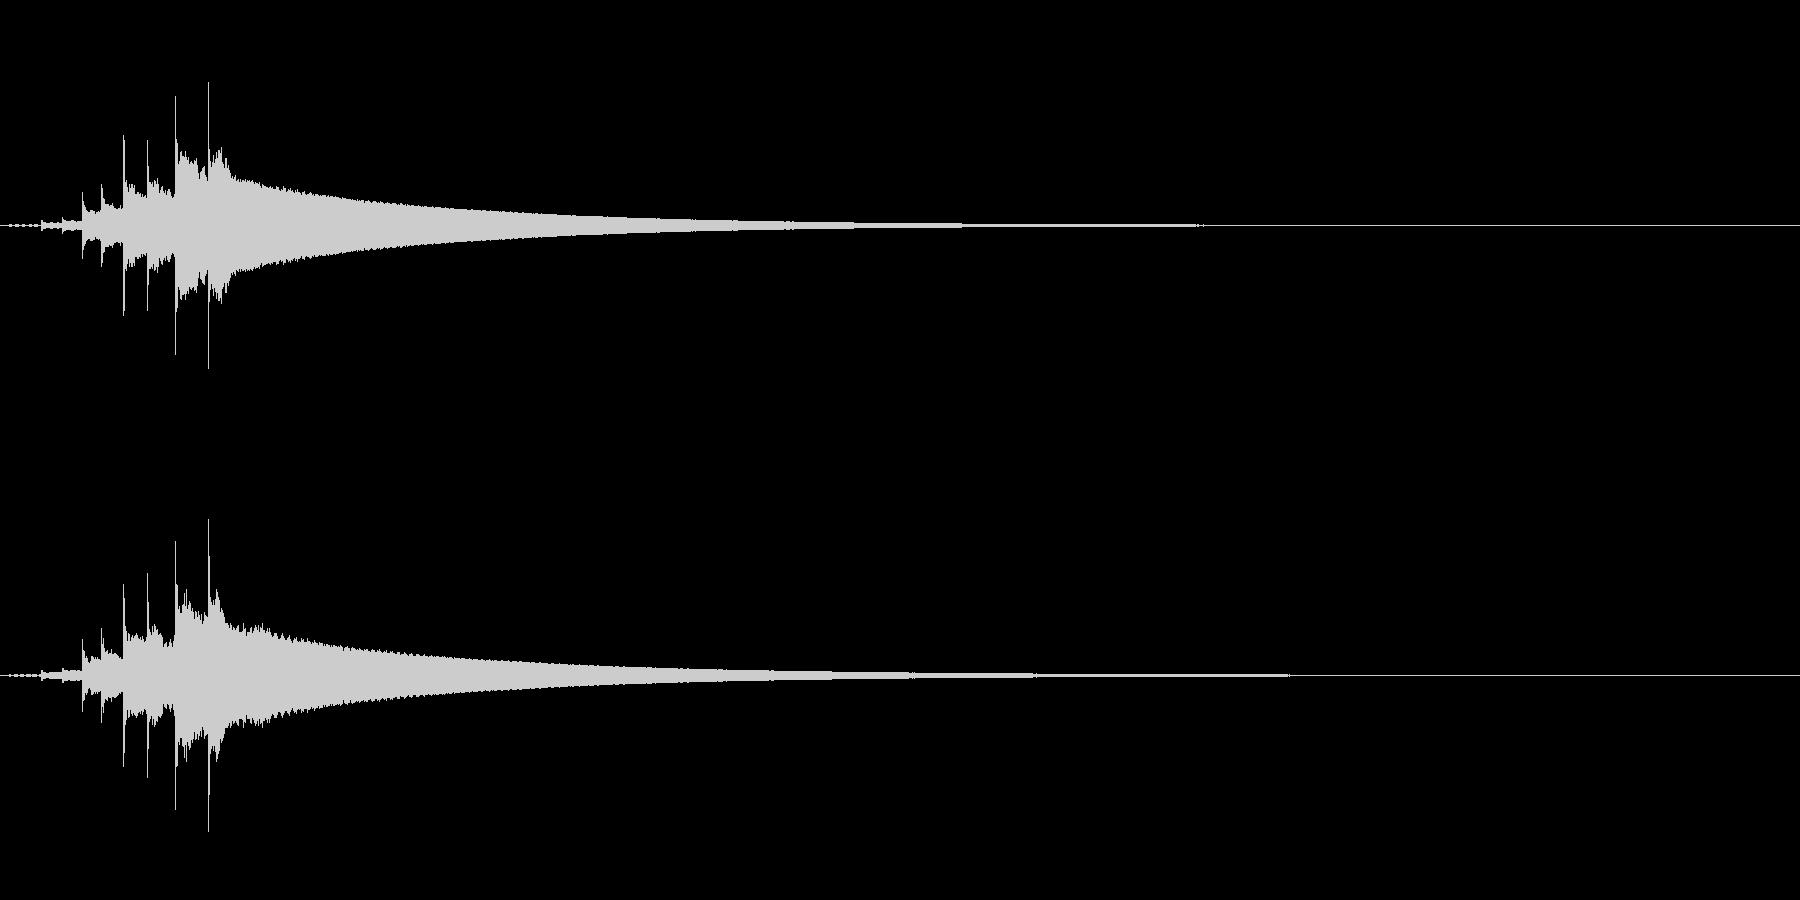 コンコンコーン和物打楽器きんの連続音Fxの未再生の波形